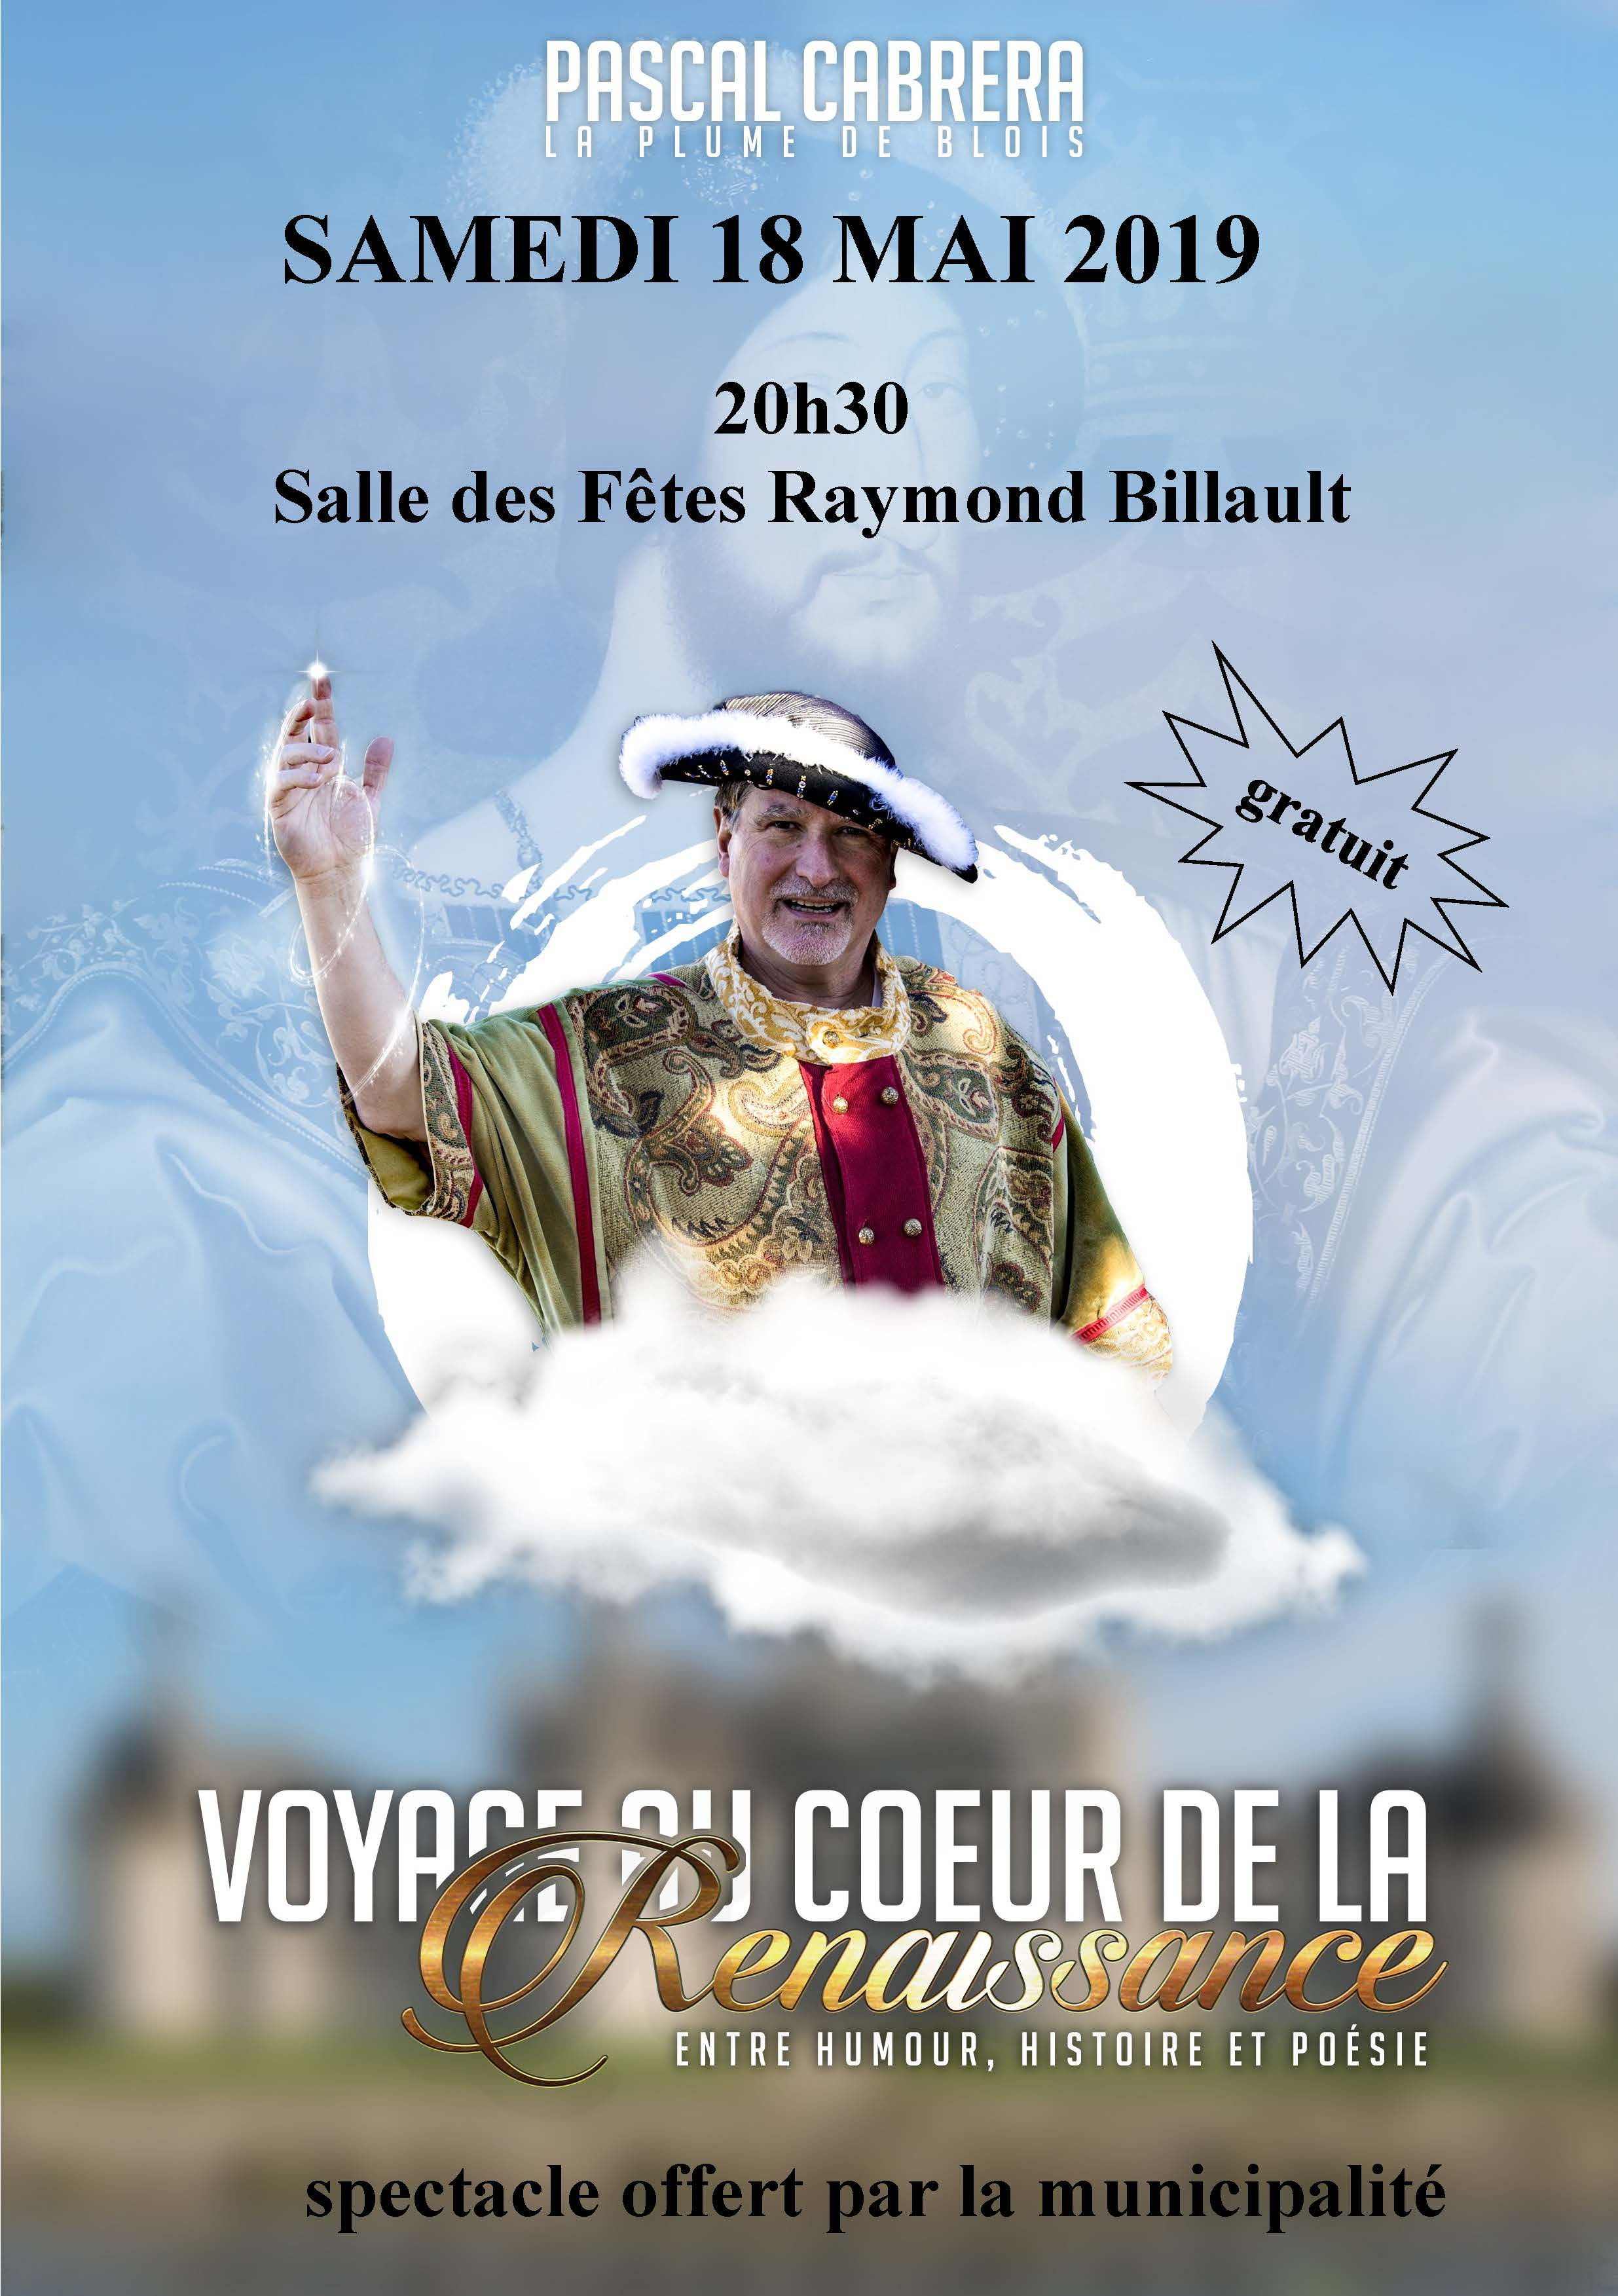 Spectacle Voyage au coeur de la Renaissance - Pascal CABRERA